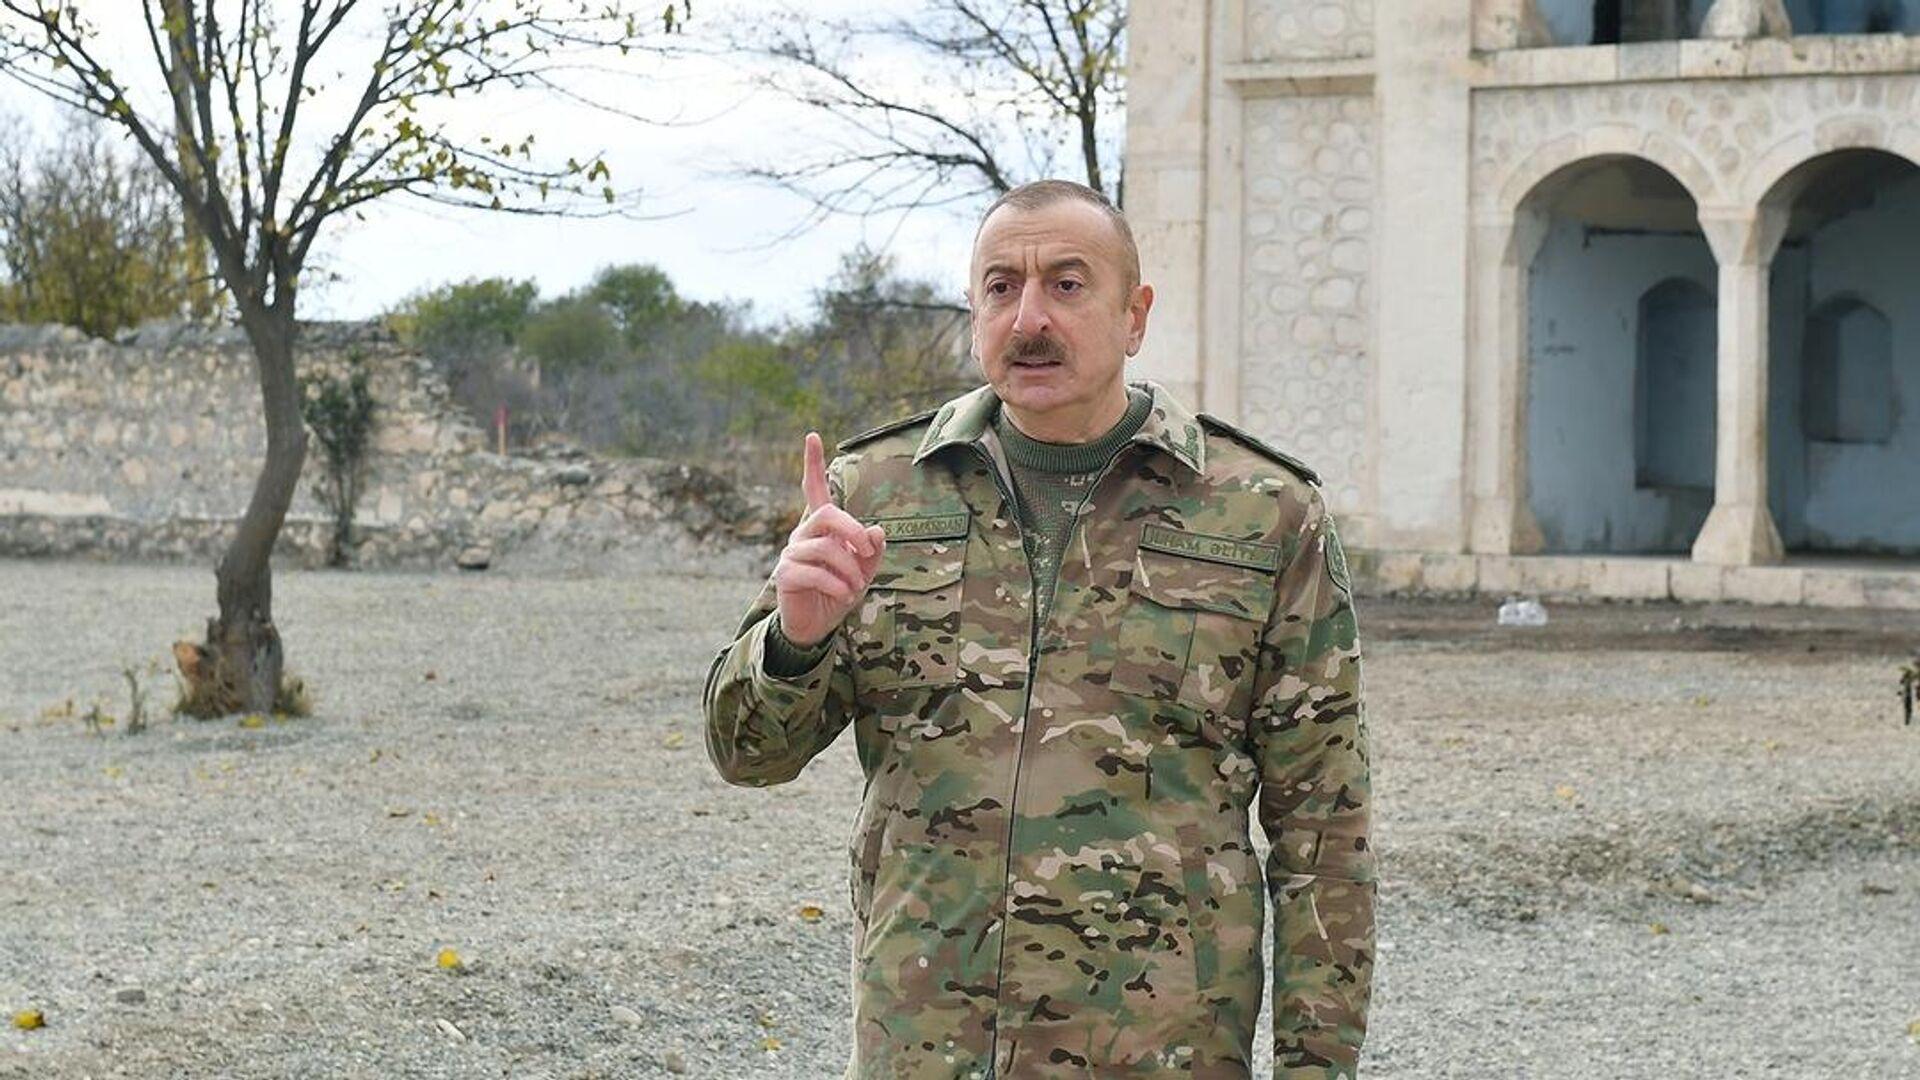 Президент Азербайджана Ильхам Алиев во время посещения города Агдам - РИА Новости, 1920, 26.02.2021